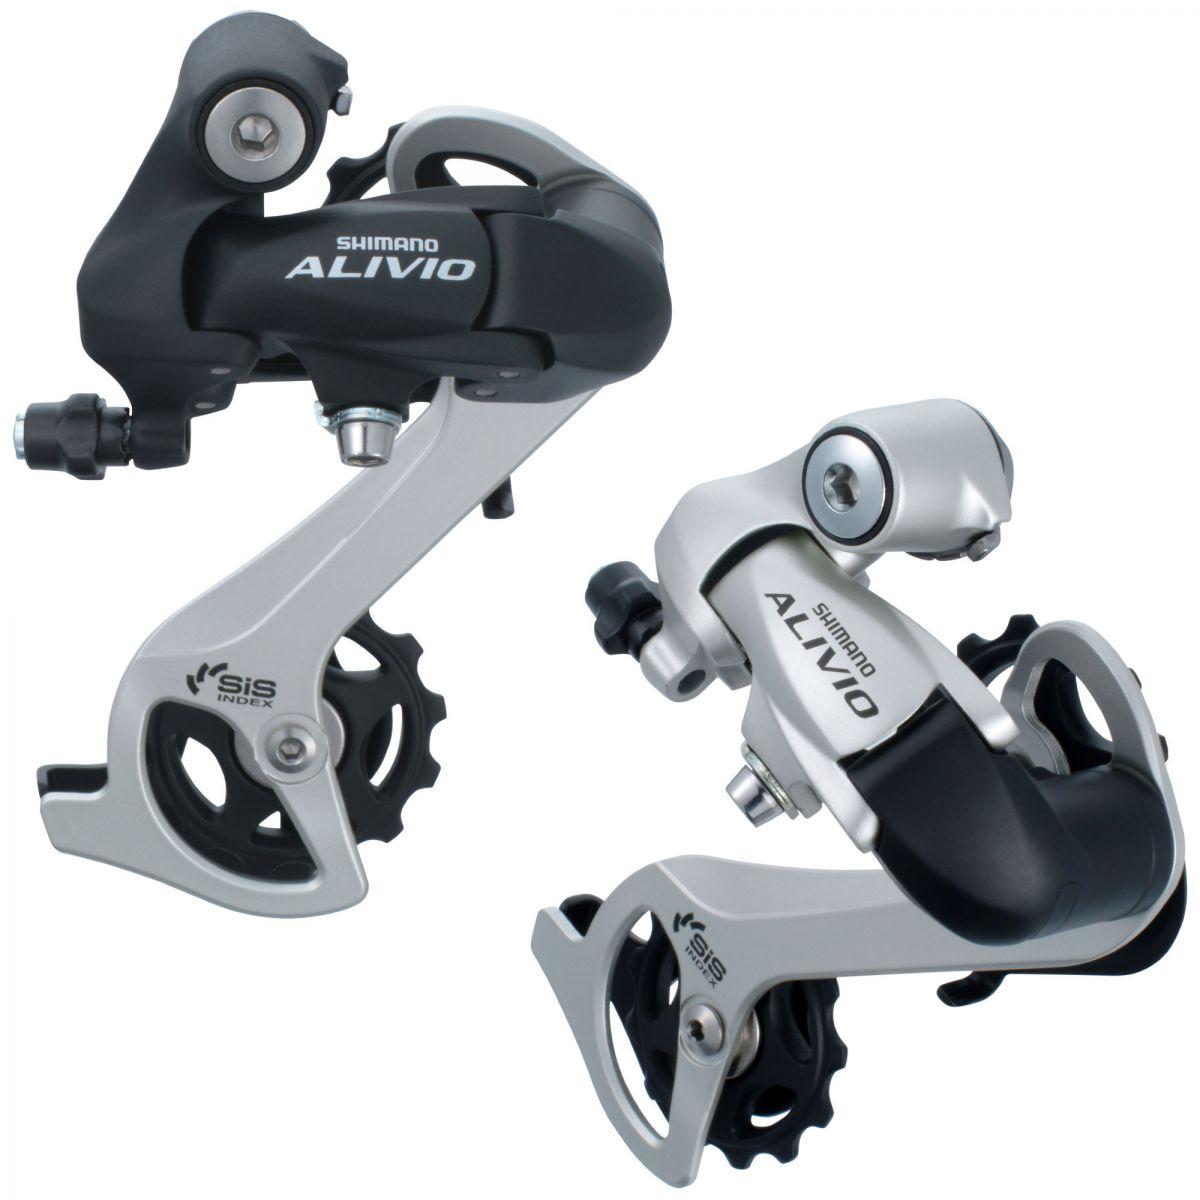 Shimano Alivio: Bicycle Components & Parts | eBay